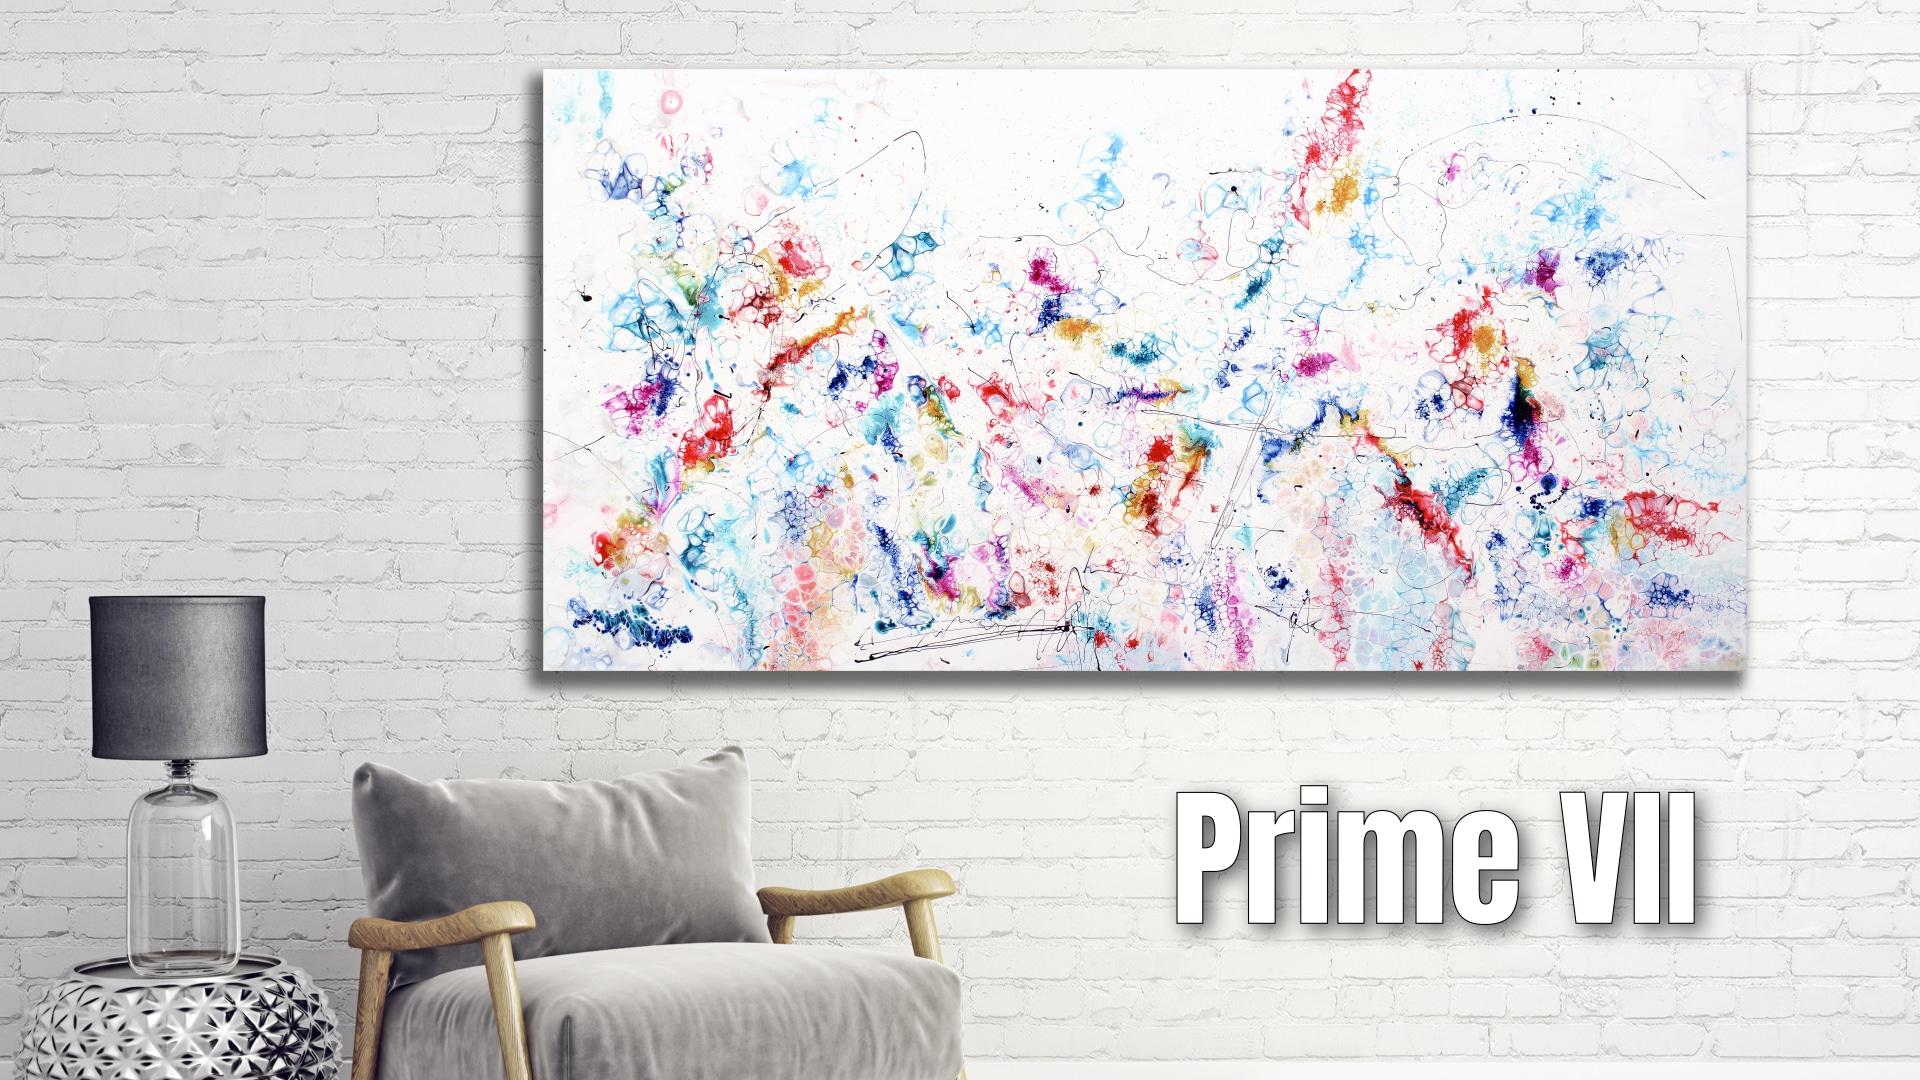 Prime VII maleri - store abstrakte malerier er abstrakt kunst der passer perfekt på væggen i stuen